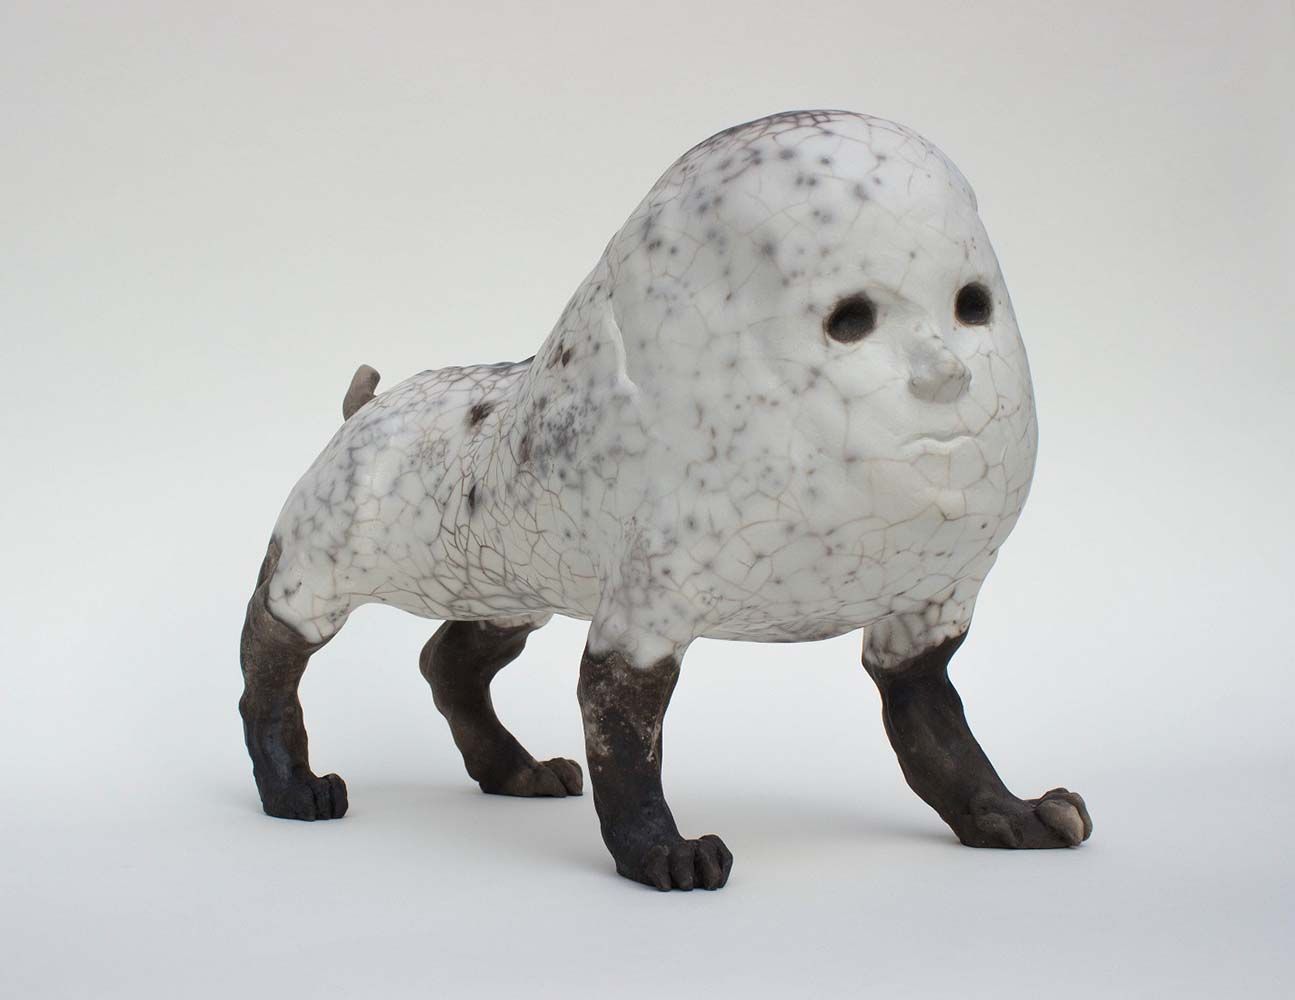 HUMANIMAL, Sculpture #4, 2018 - Céramique raku, 29x37x18cm